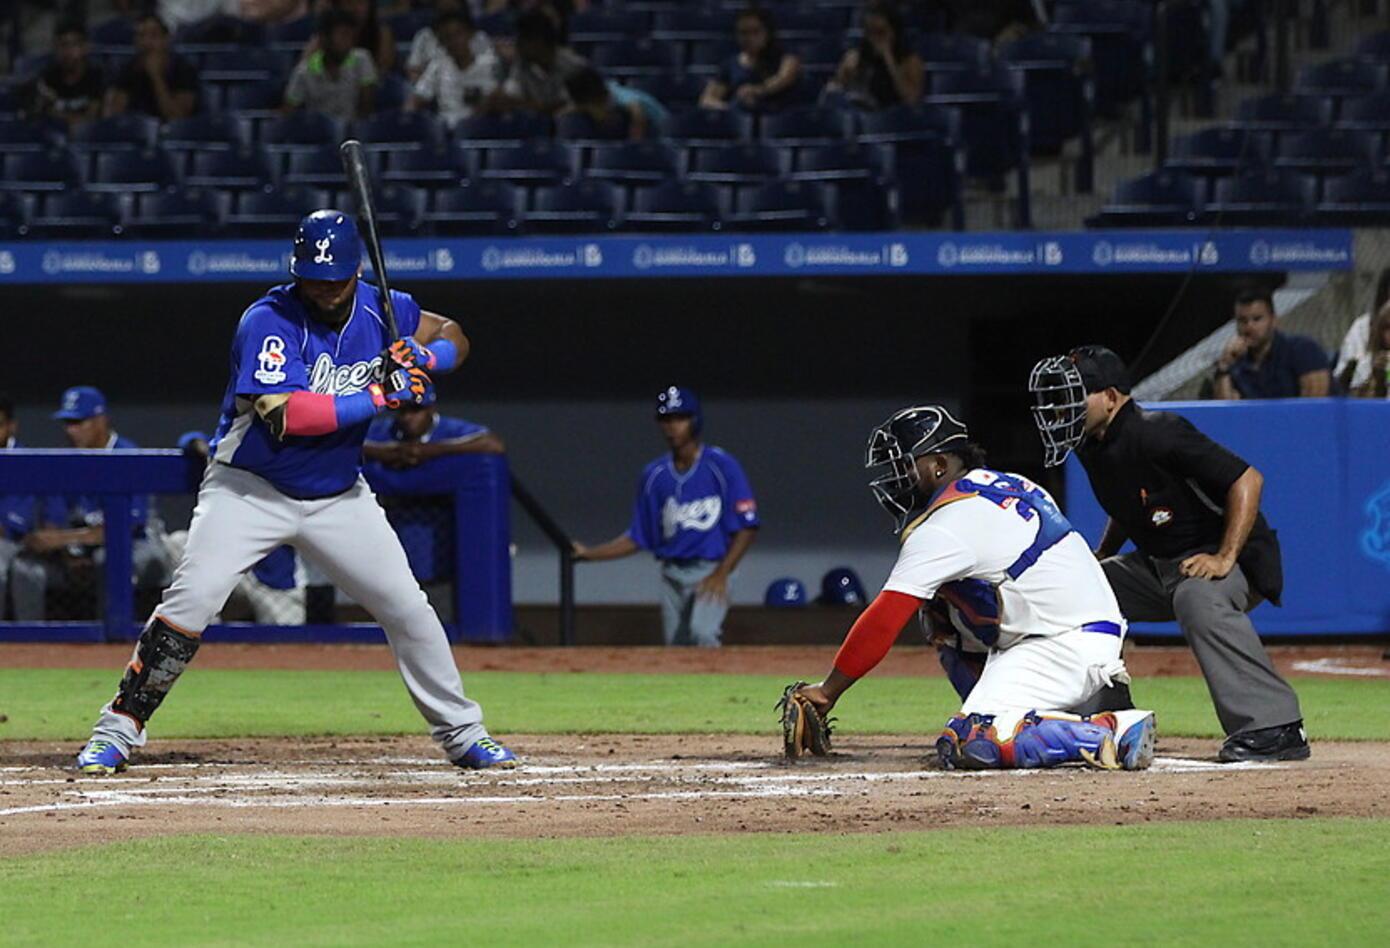 La escuadra más poderoso del beisbol dominicano se impuso en el segundo partido de la llave